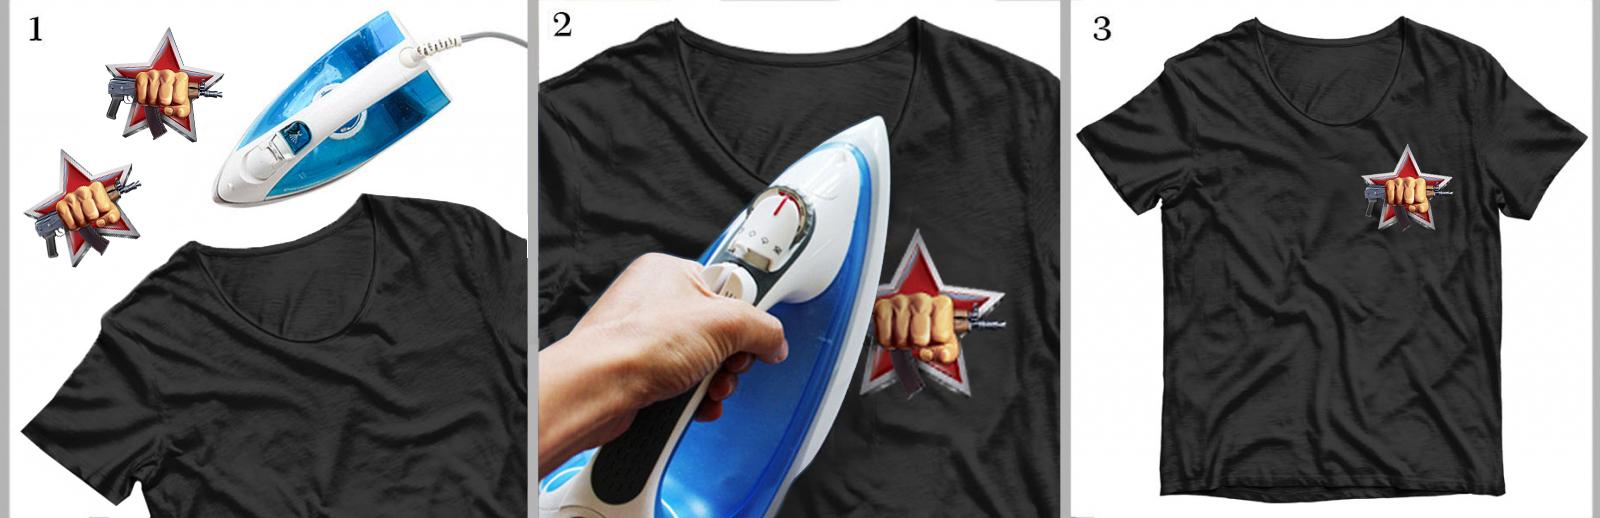 Купить хитовую наклейку-термотрансфер на футболку Спецназ ВВ РФ оптом или в розницу